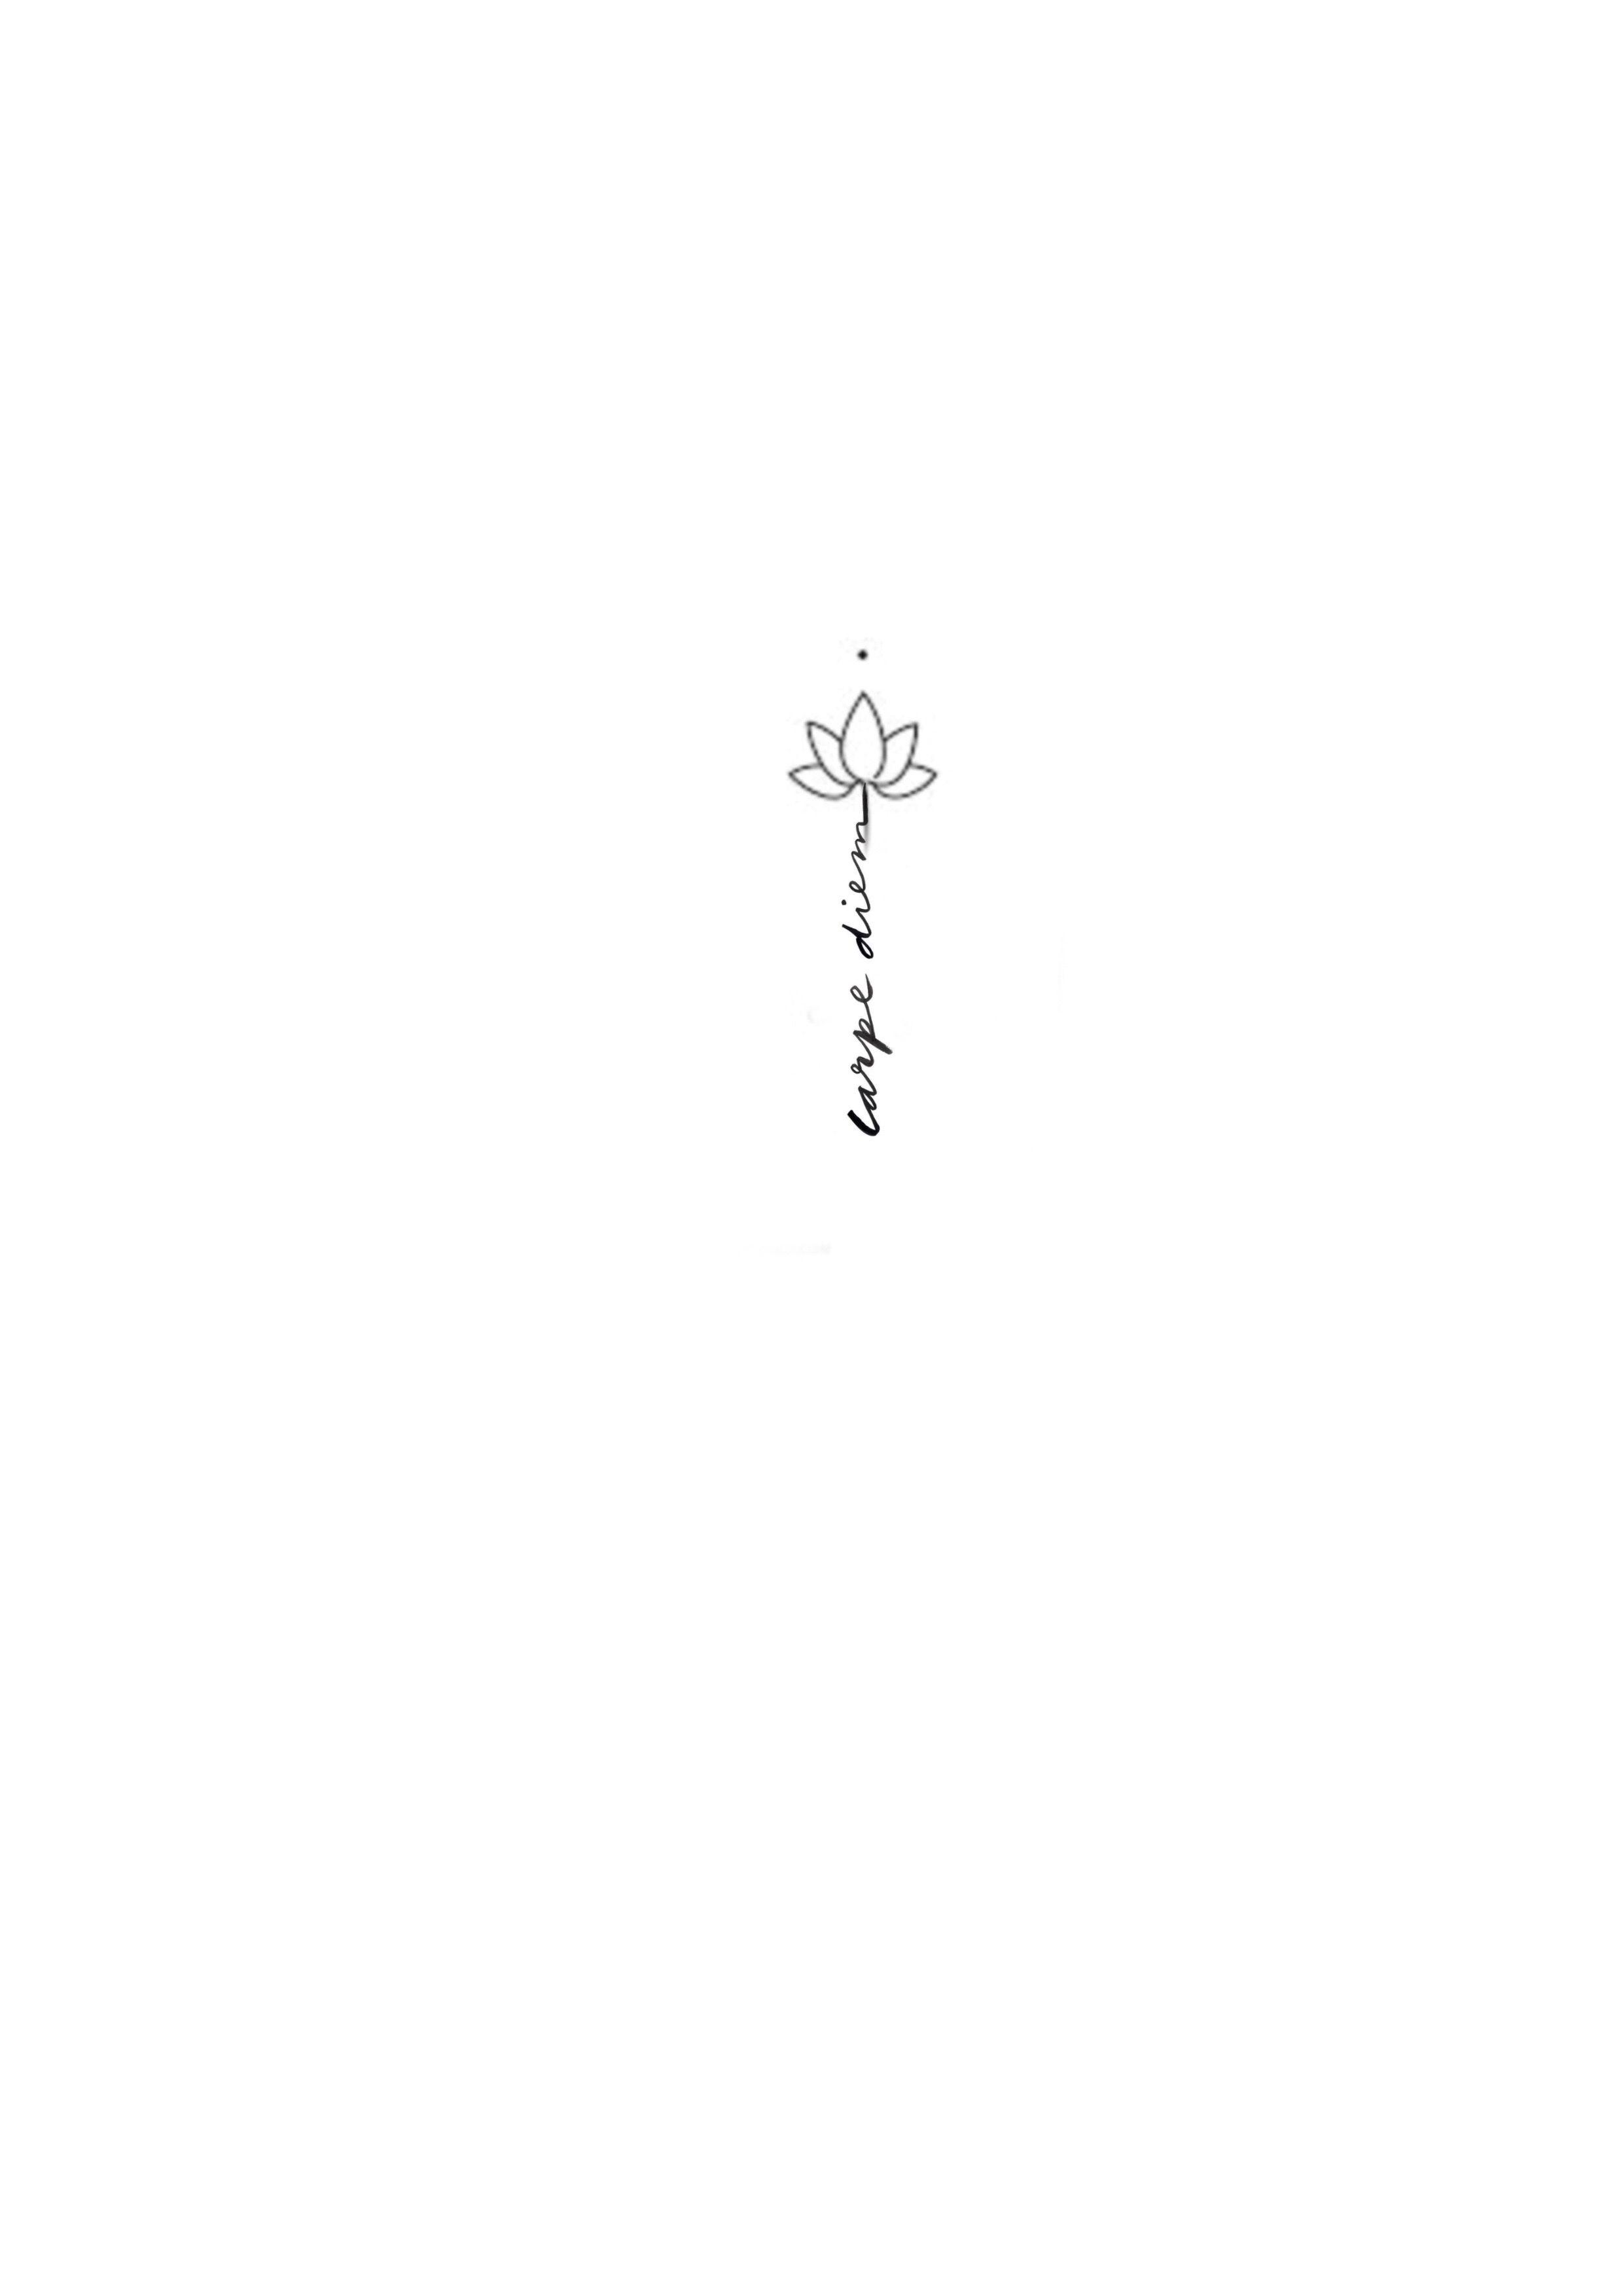 Pin Von Julxak Auf Kleines Tattoo Pinterest Tattoos Small